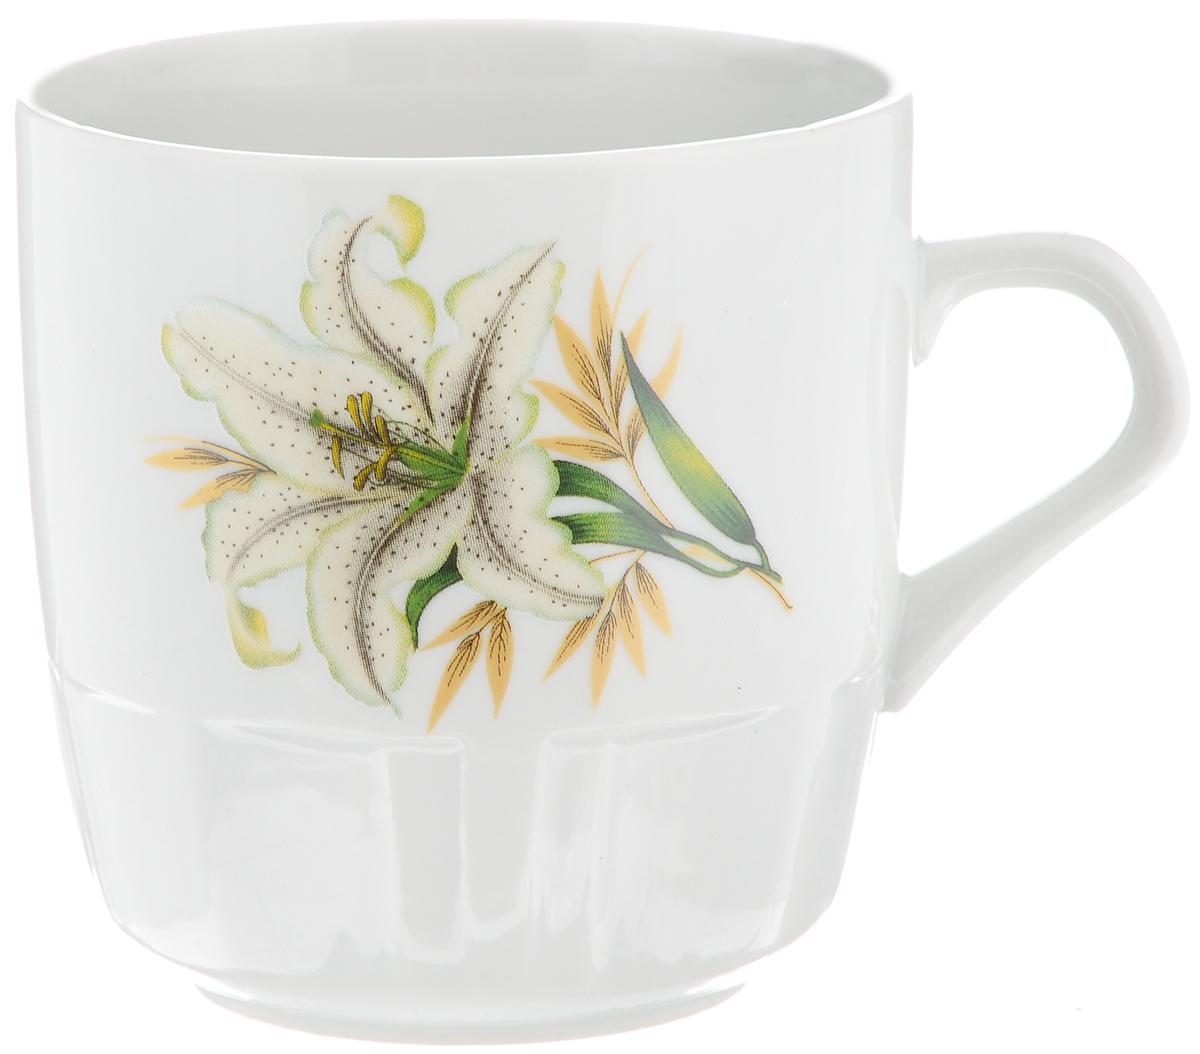 Кружка Фарфор Вербилок Белая лилия, 250 млVT-1520(SR)Красивая кружка Фарфор Вербилок Белая лилия способна скрасить любое чаепитие. Изделие выполнено из высококачественного фарфора. Посуда из такого материала позволяет сохранить истинный вкус напитка, а также помогает ему дольше оставаться теплым.Объем кружки: 250 мл.Диаметр по верхнему краю: 8 см.Диаметр основания: 5,2 см.Высота кружки: 8,5 см.